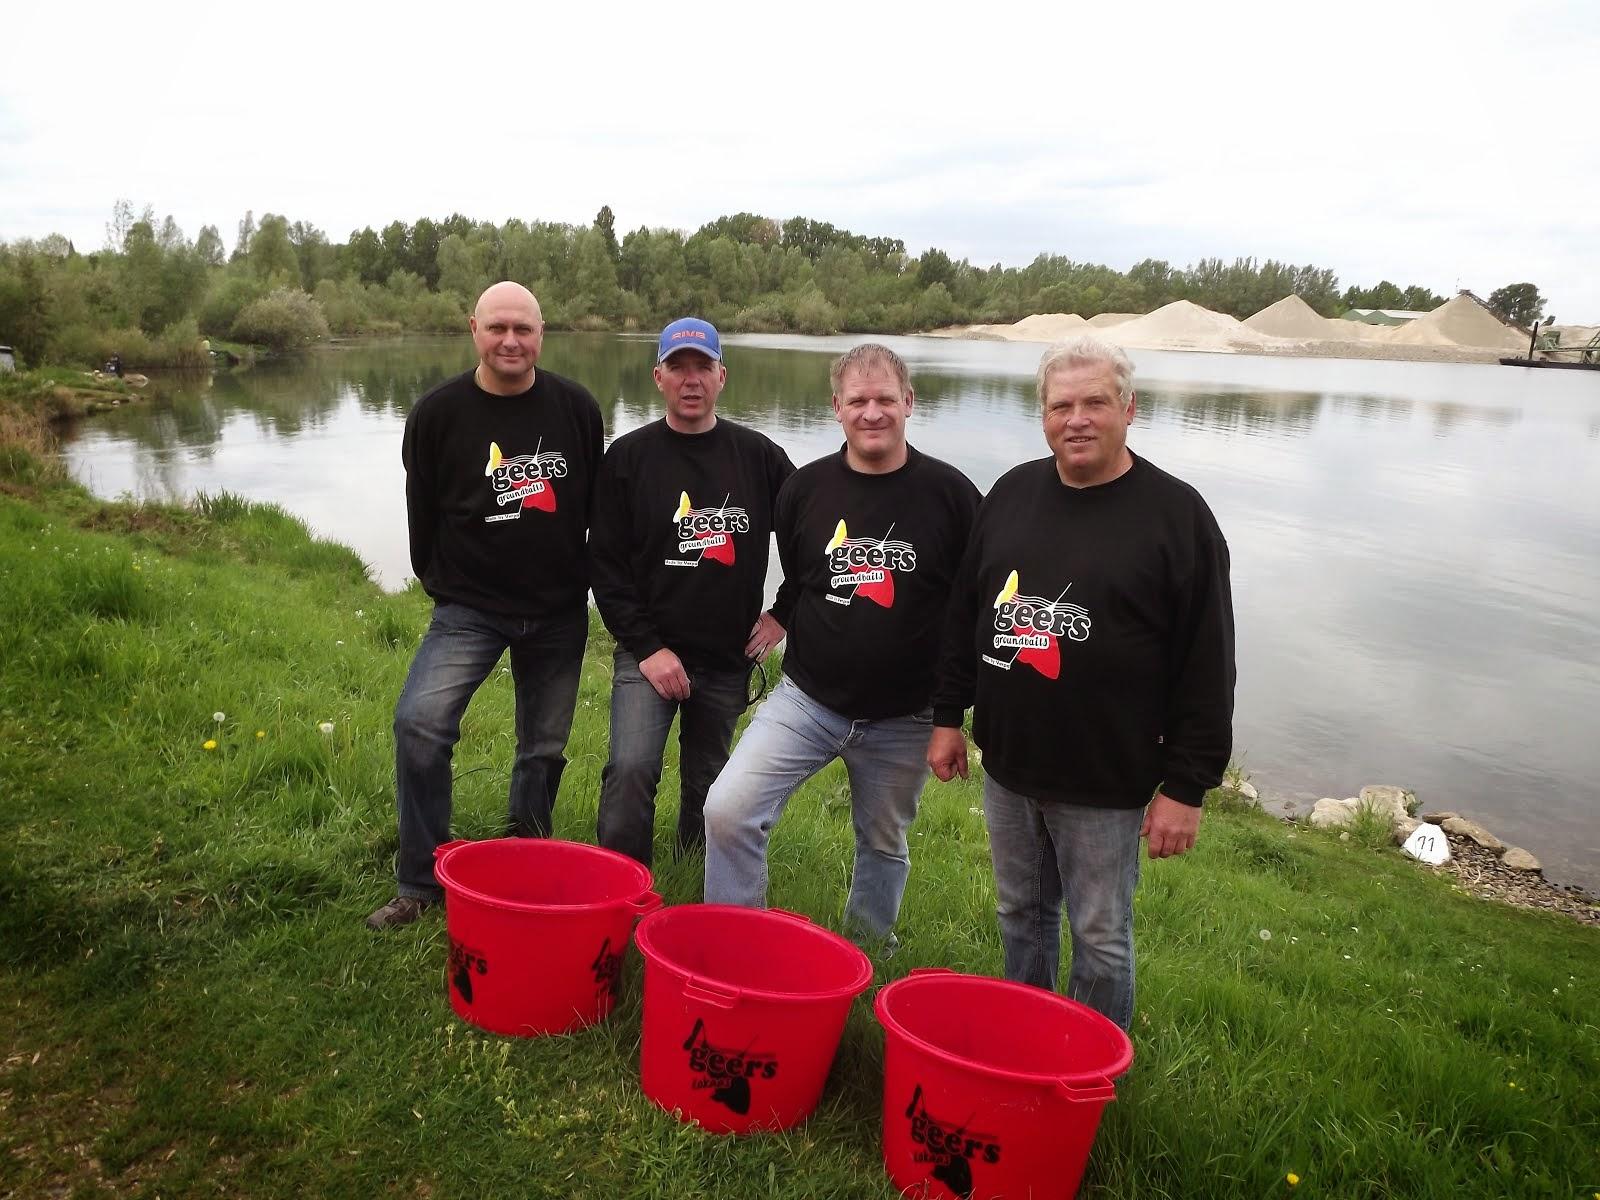 Team Geers-Verpa Limburg Belgie